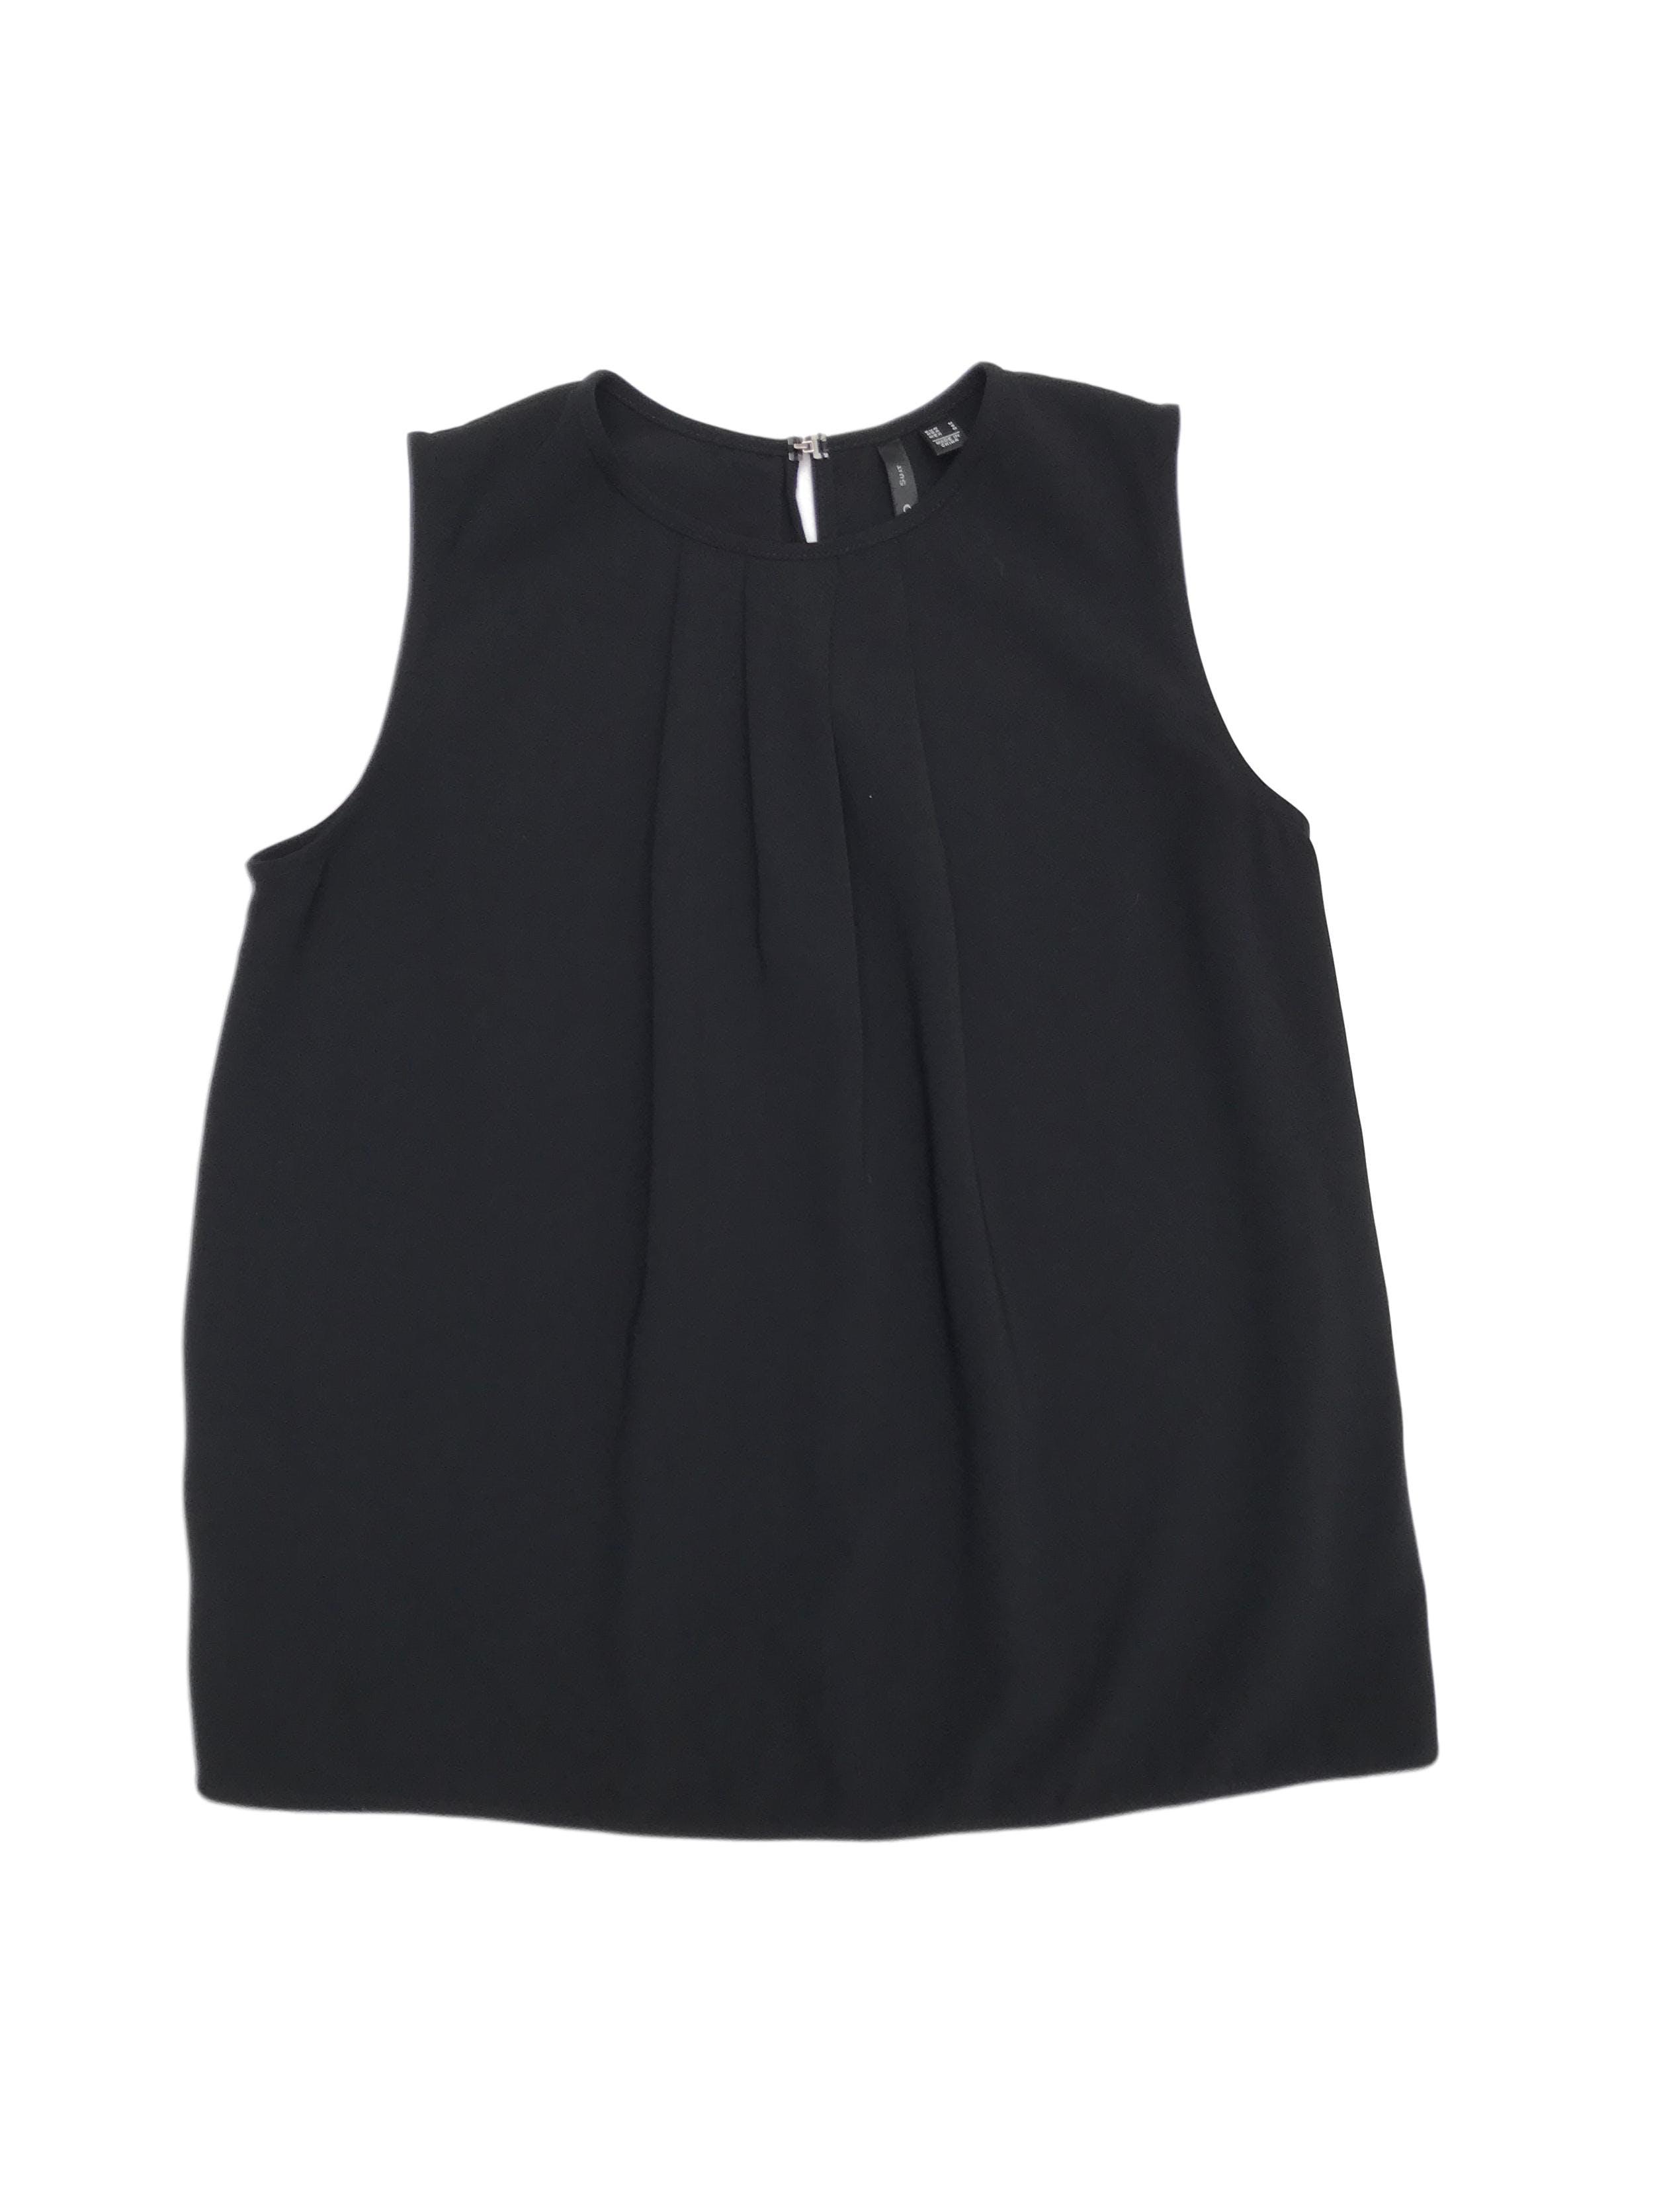 Blusa Mango negra tela plana gruesa, pliegues delanteros y botón posterior en el cuello. Precio origina S/ 150